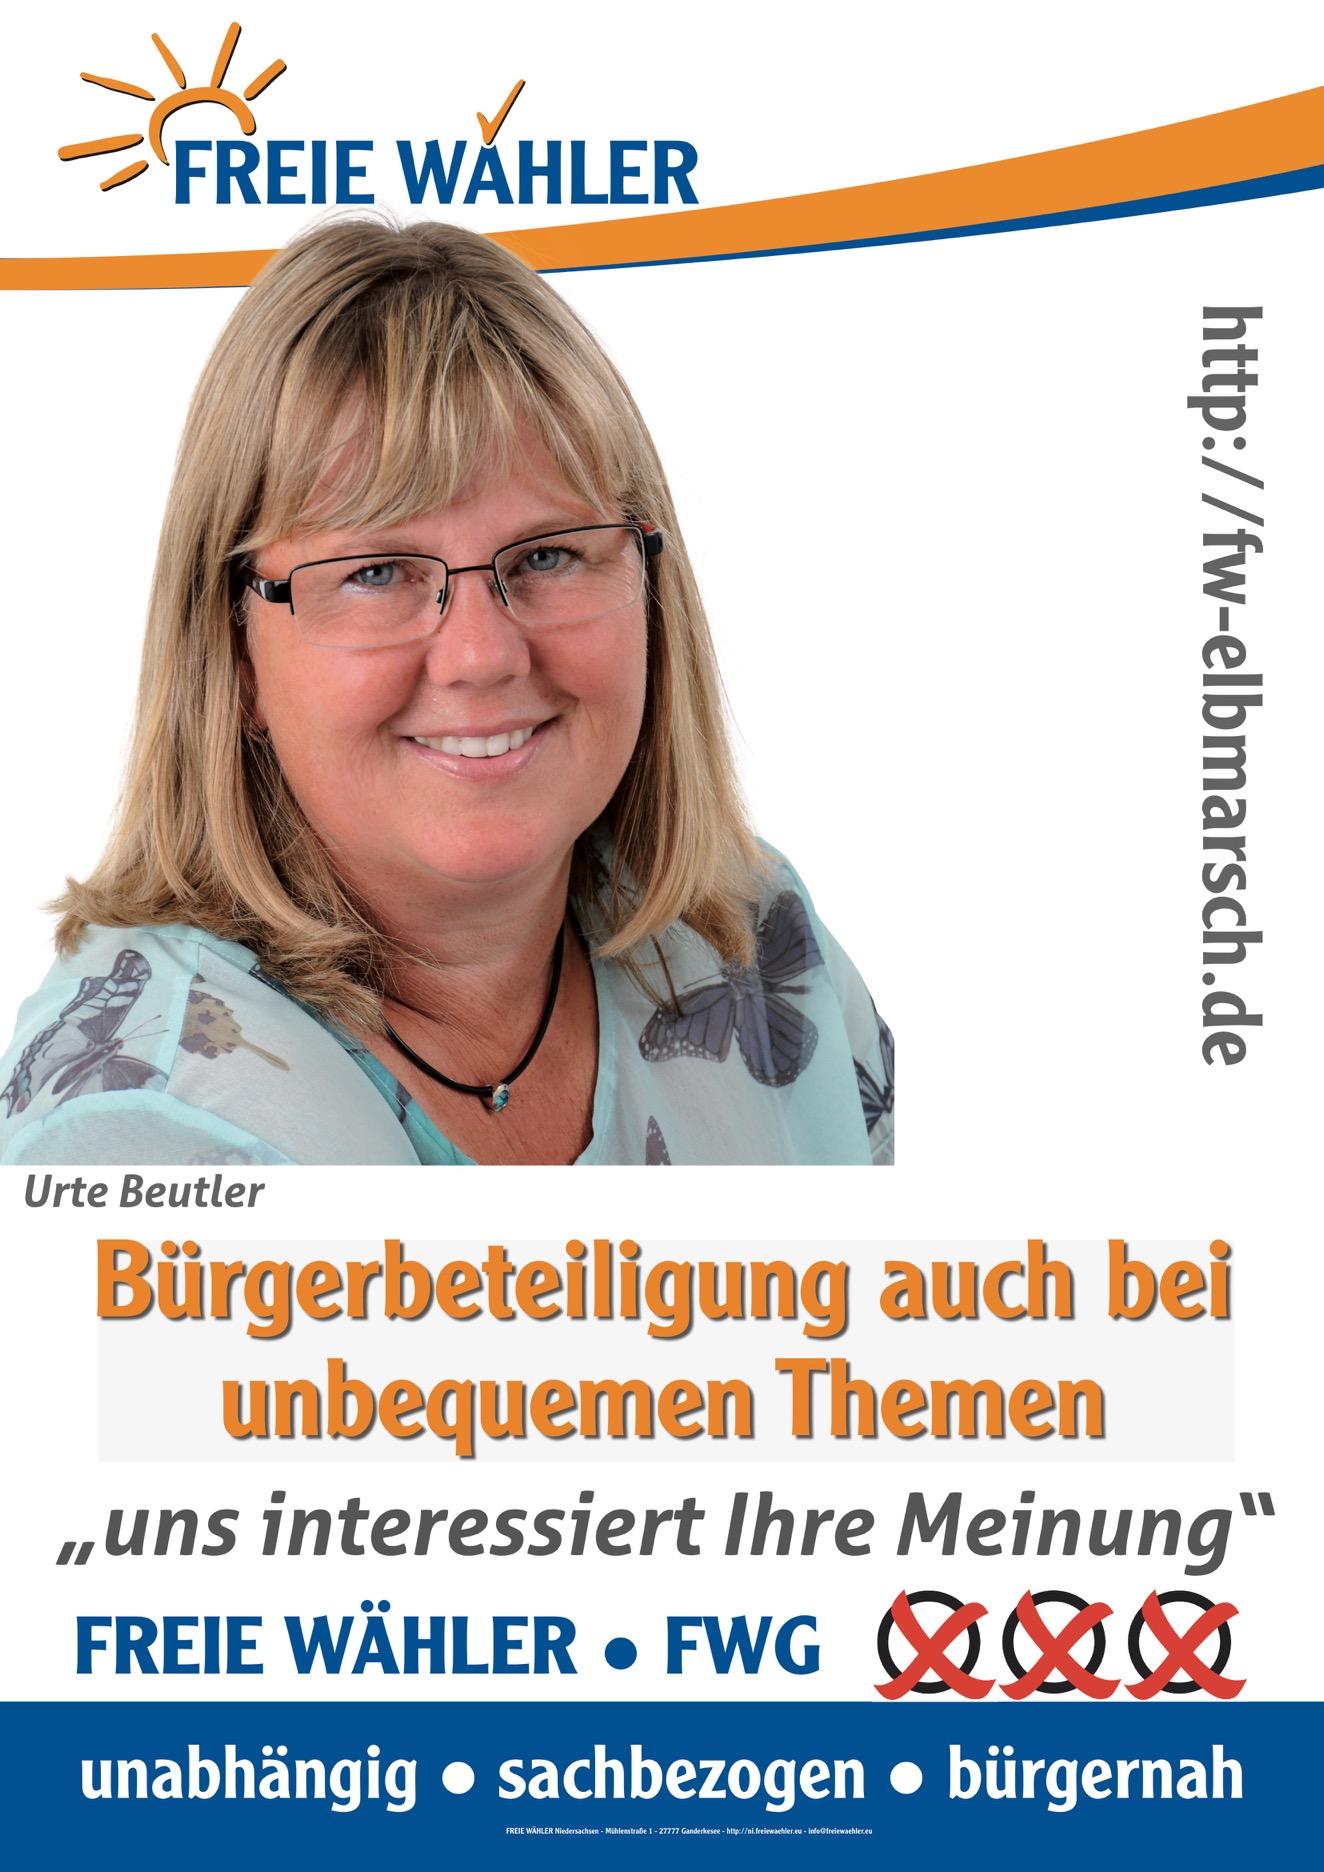 Urte Beutler